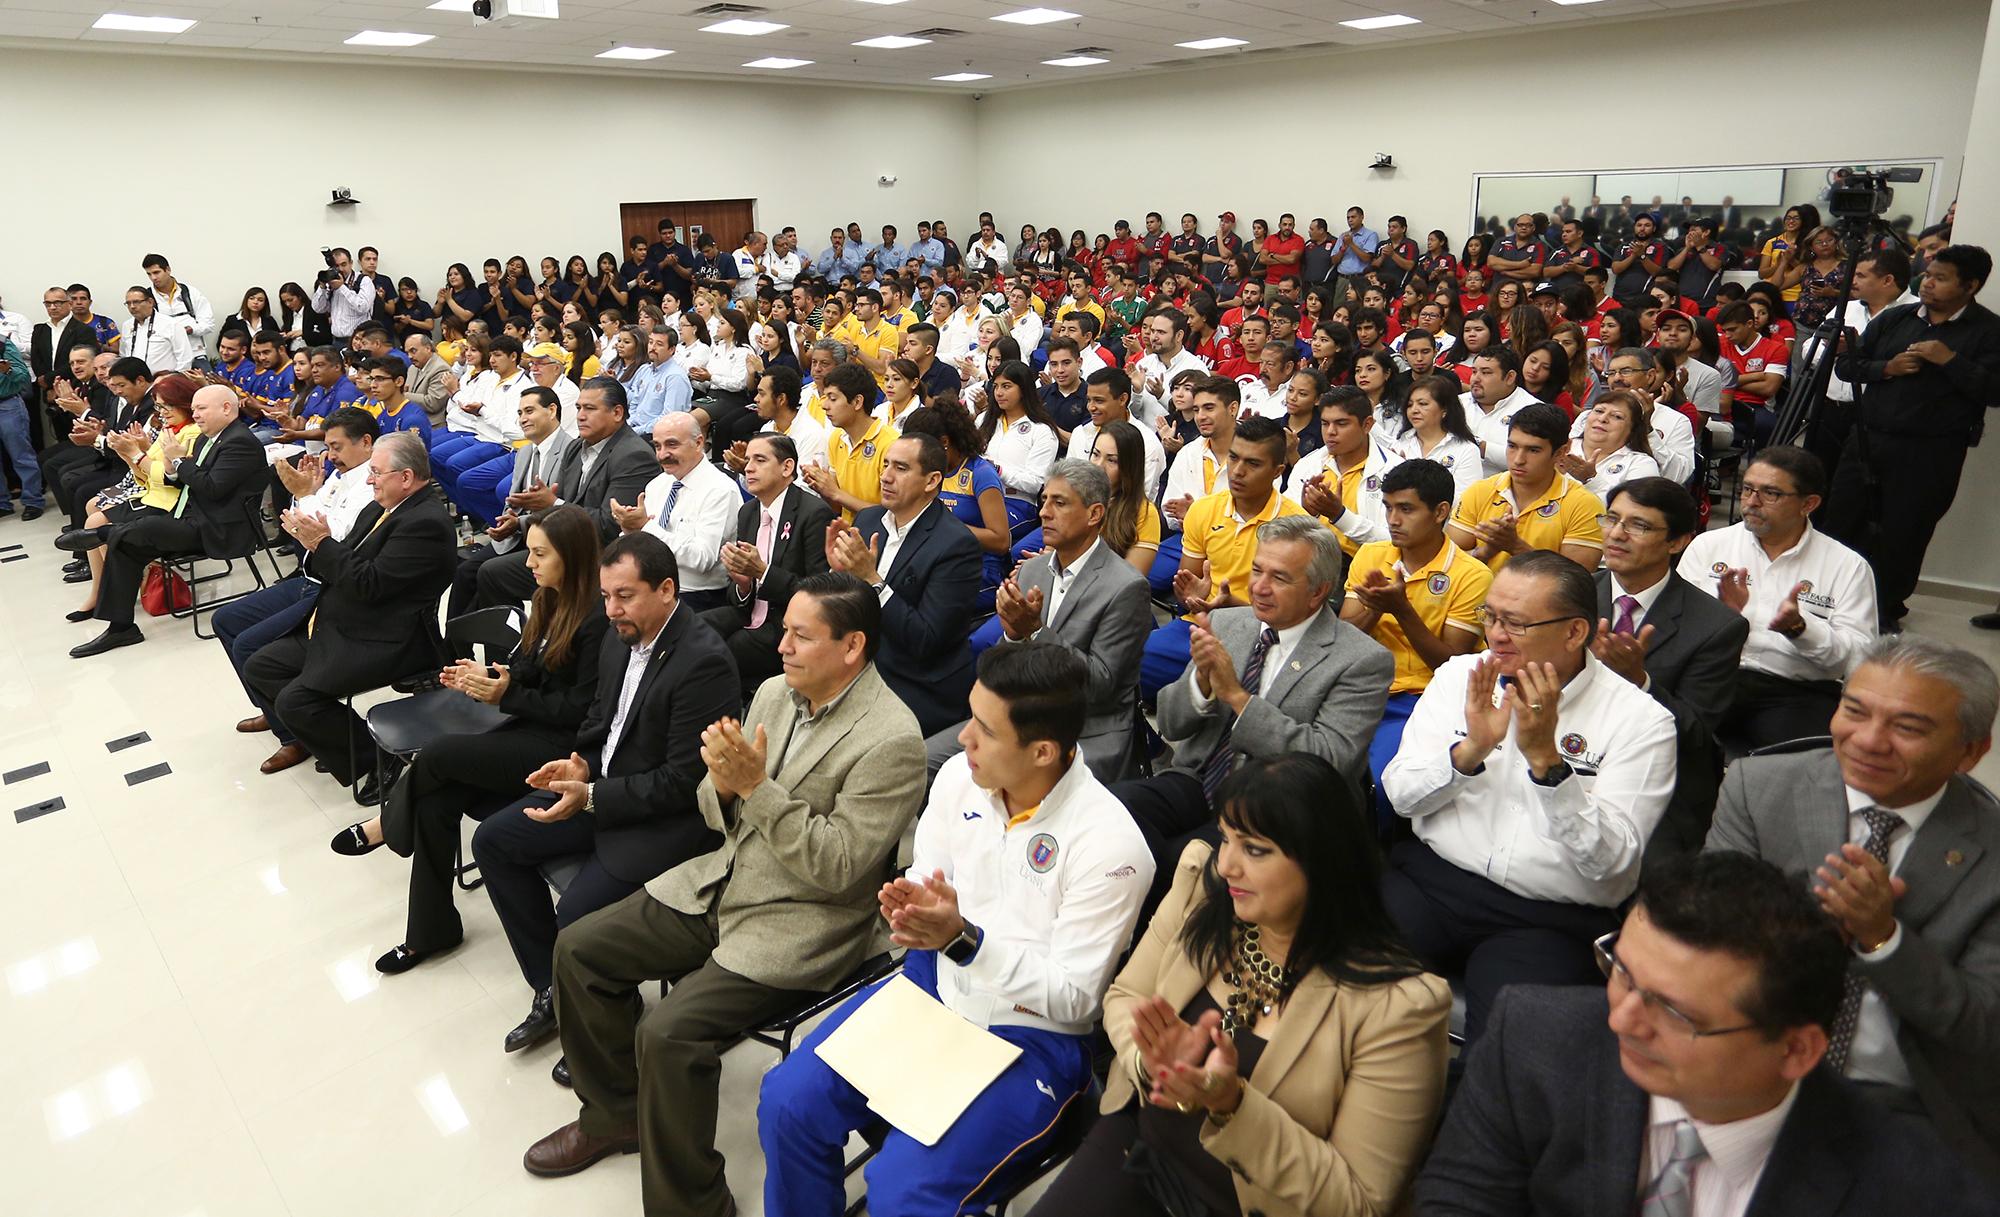 Extra Directores, entrenadores y deportsitas de distinas Preparatorias y Facultades asistieron al evento de Premiación